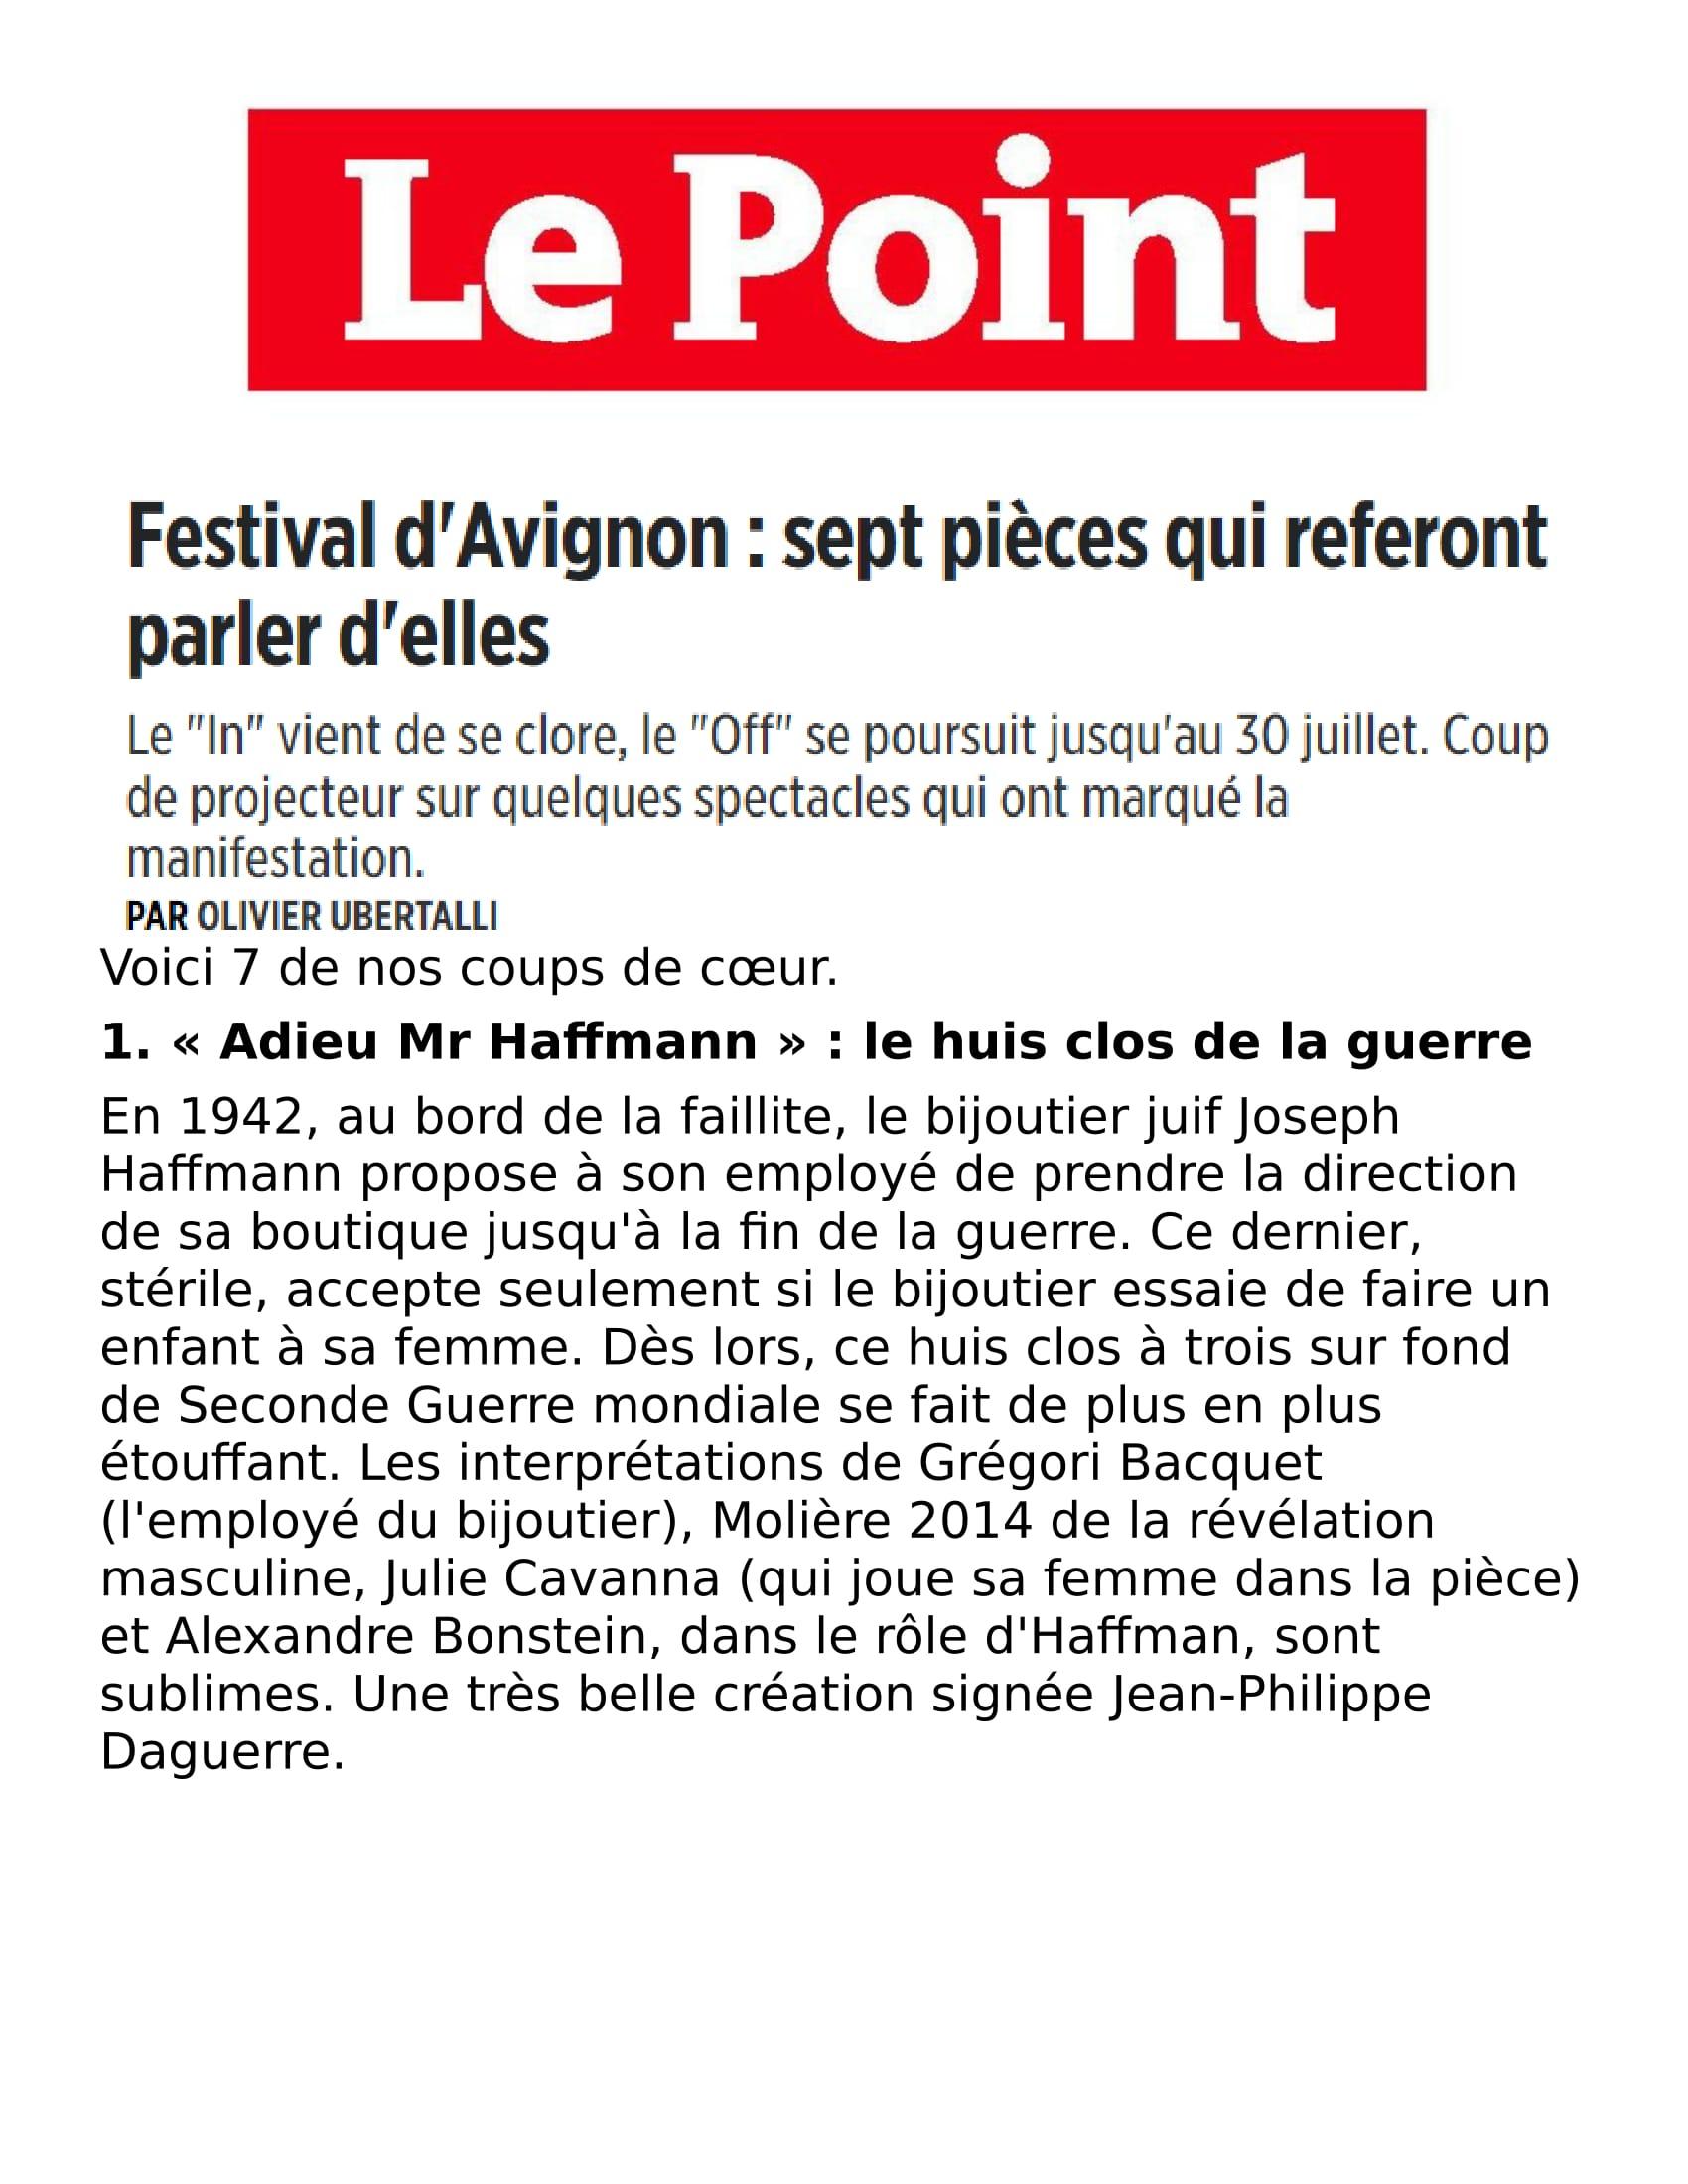 Avignon2016-LePoint-AdieuHaffmann-1